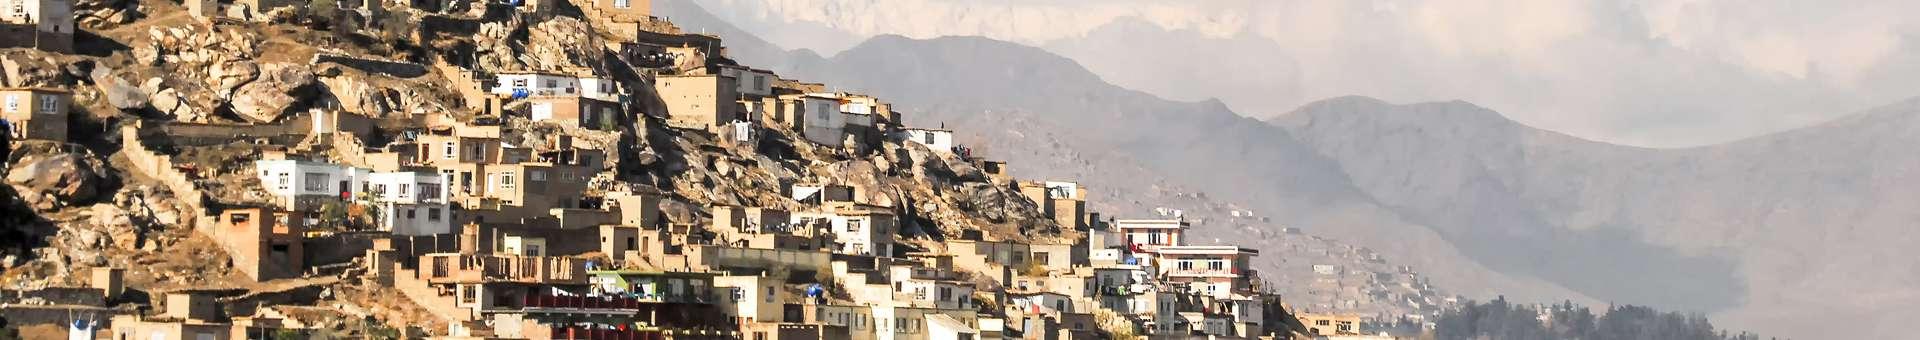 Búsqueda de información Whois de nombres de dominios en Afganistán